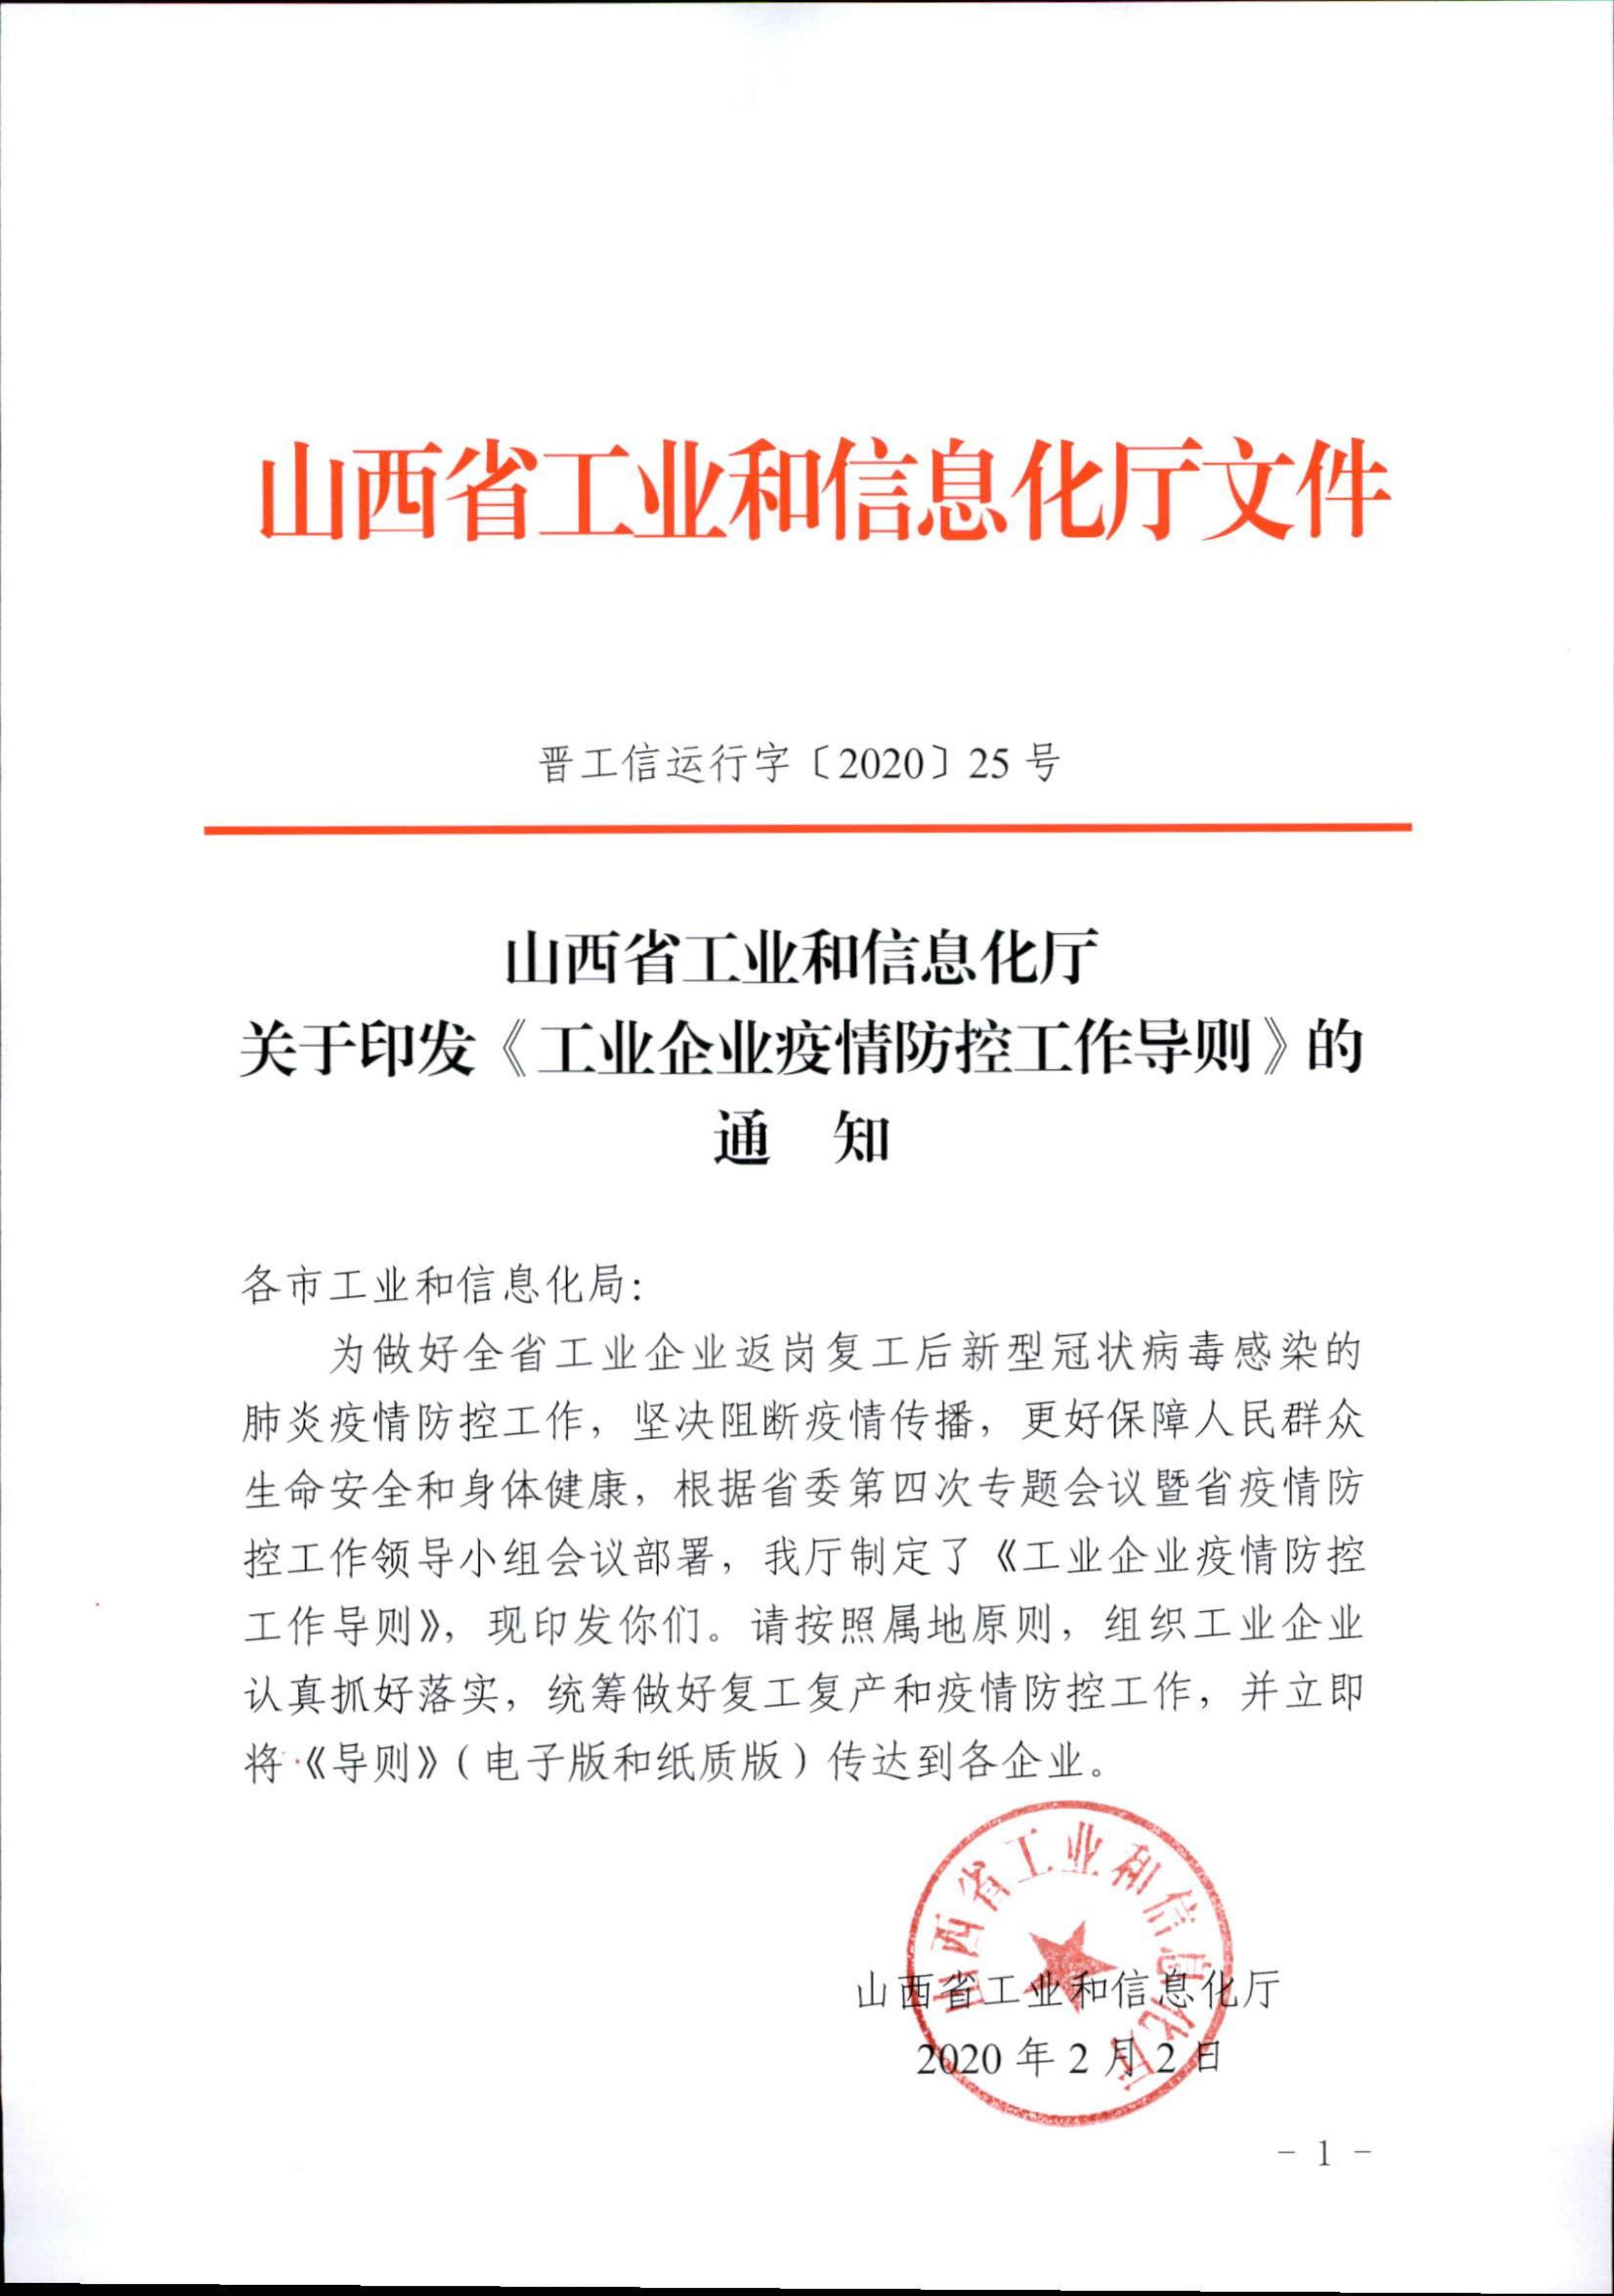 山西省工信厅关于印发《工业企业疫情防控工作导则》